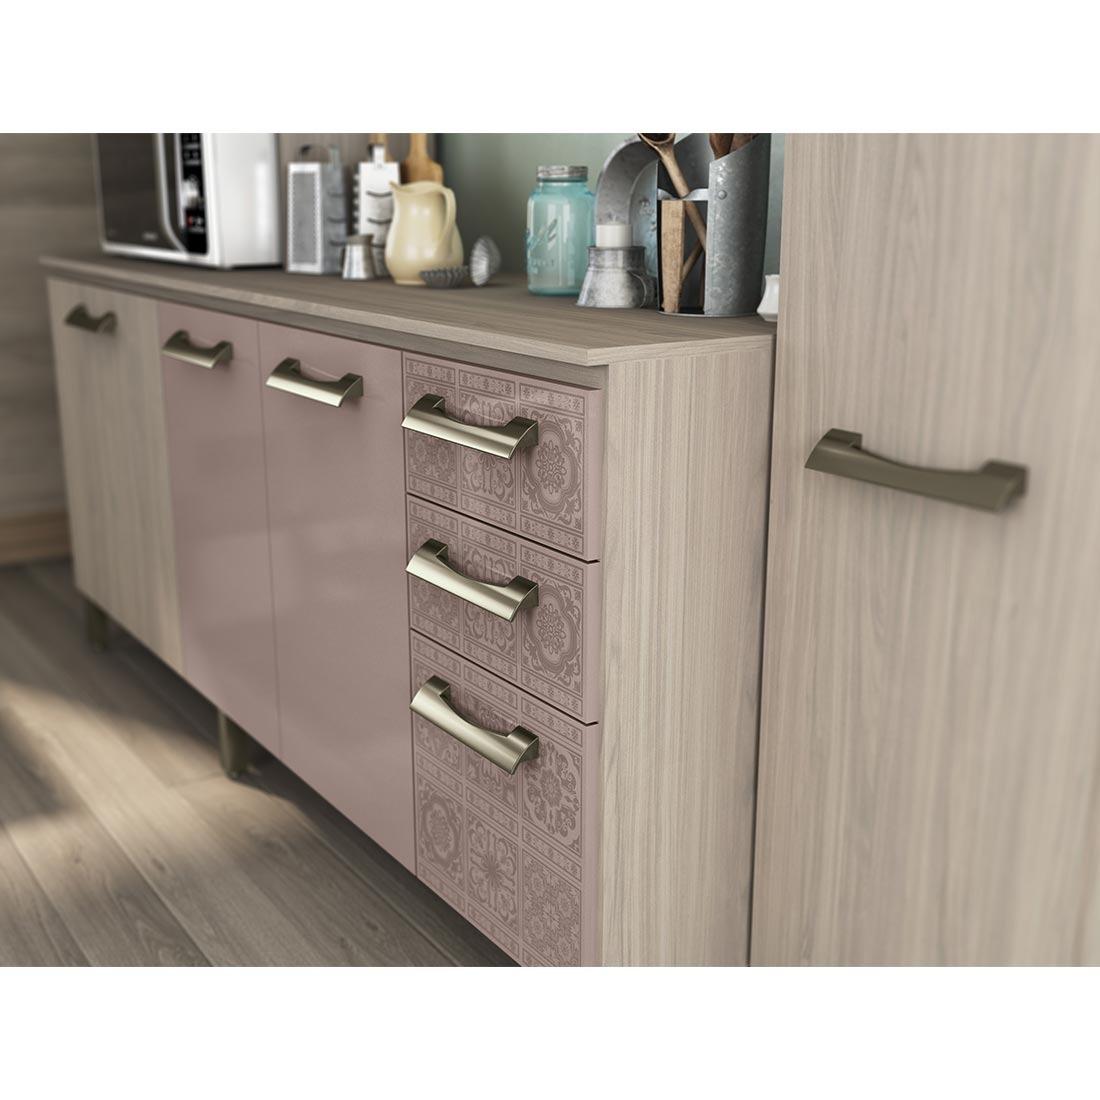 Cozinha Compacta Kappesberg E780 7 Portas Marrom E Am Ndoa R